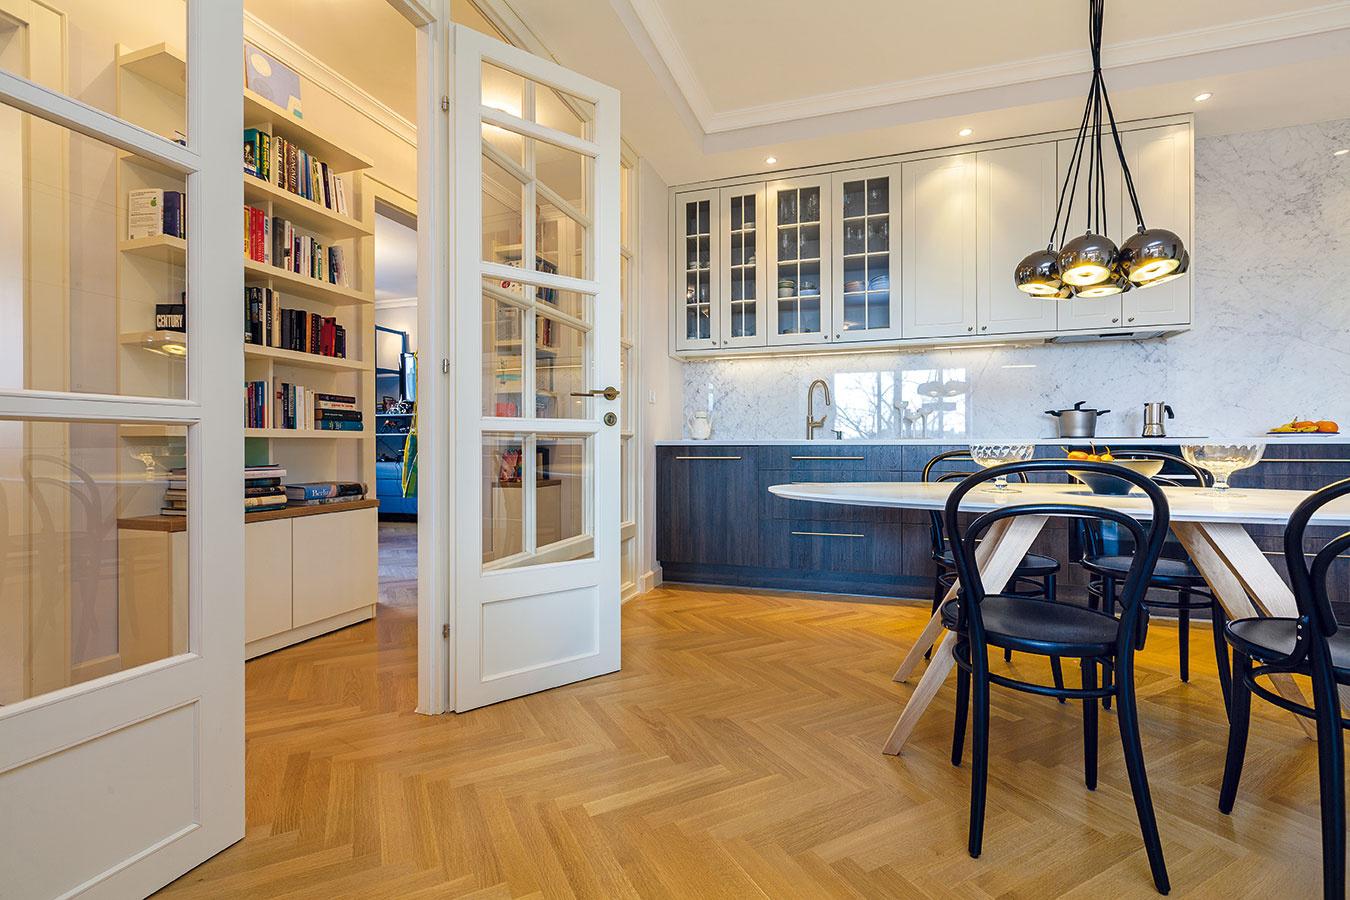 Na obývačku nadväzuje priestranná jedáleň akuchyňa. Veľkou zasklenou stenou spojila architektka dennú zónu schodbou, ktorá vedie kdetským izbám arodičovskej spálni.